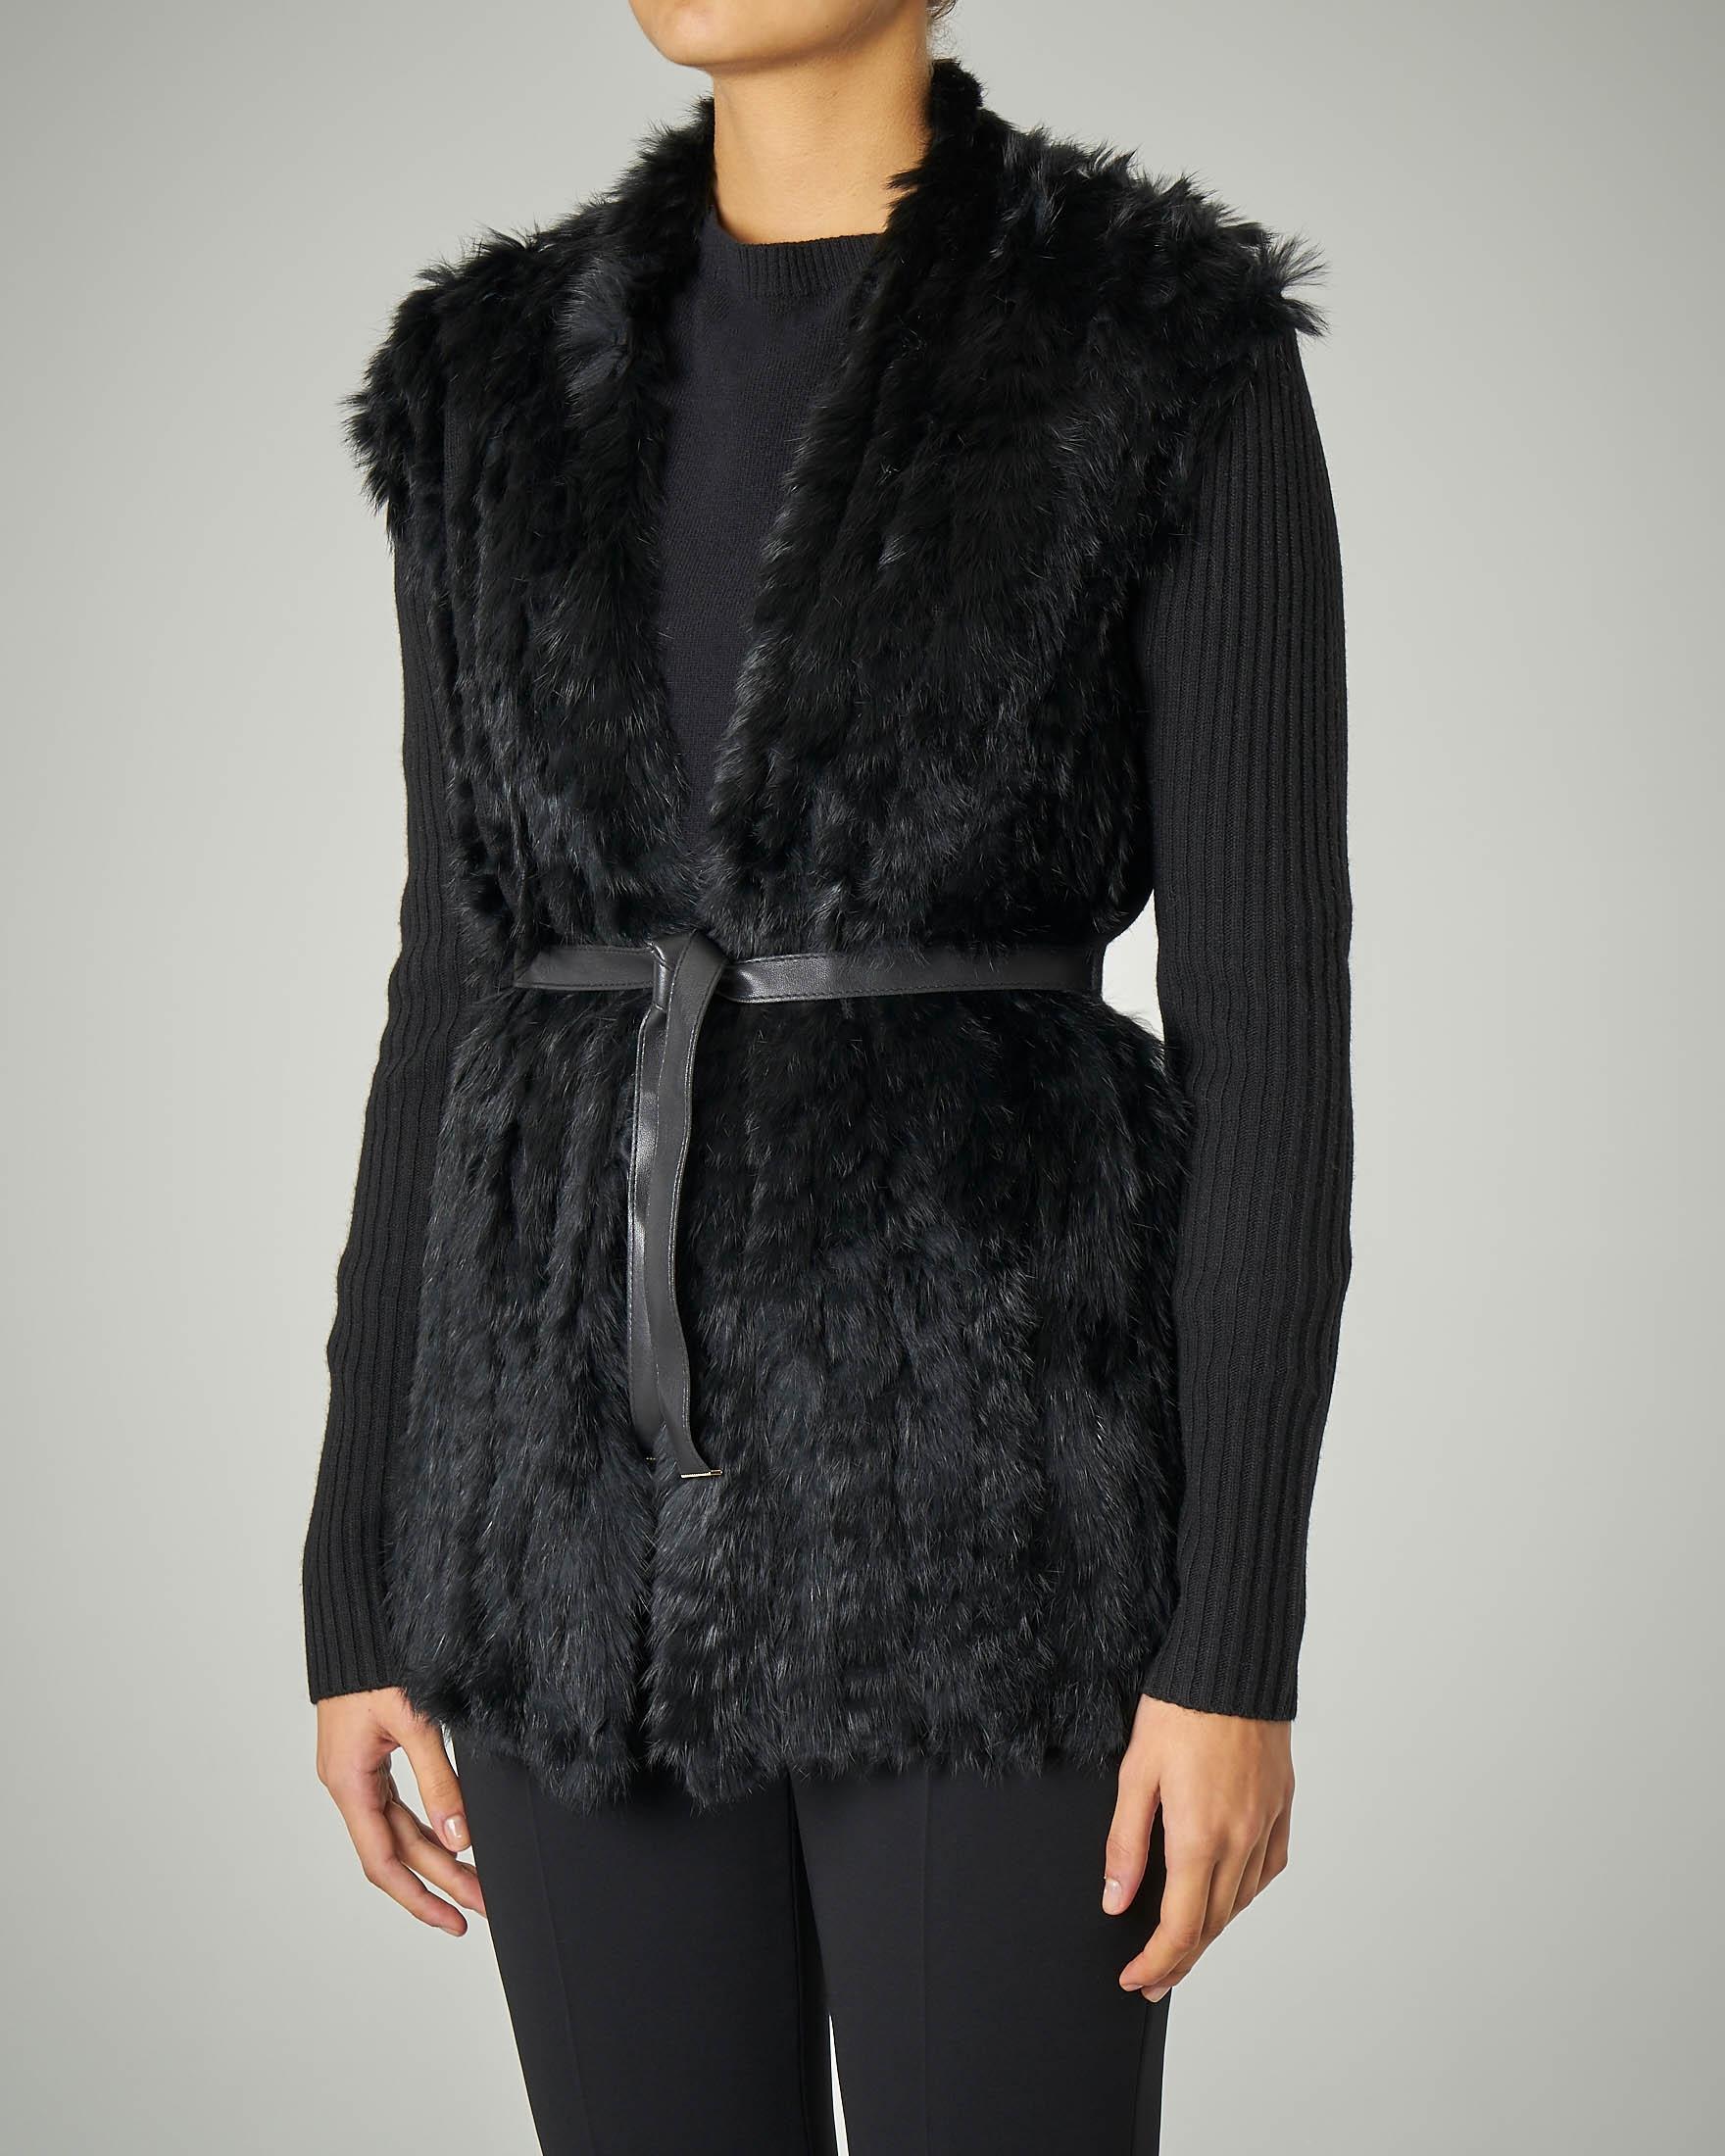 Cardigan nero in misto cashmere con inserti in lapin